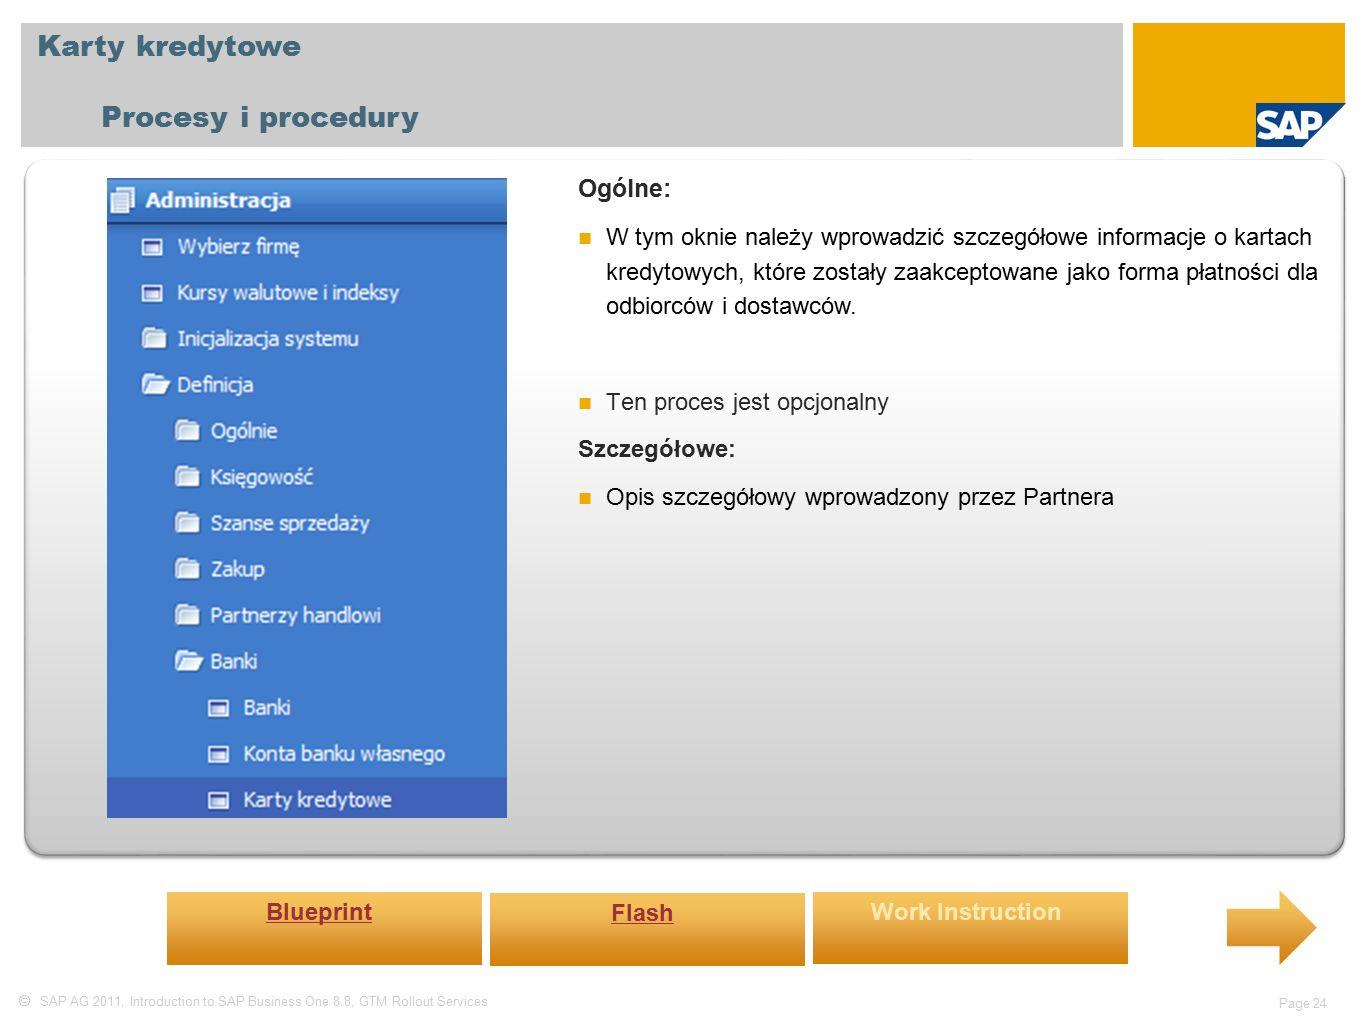  SAP AG 2011, Introduction to SAP Business One 8.8, GTM Rollout Services Page 24 Karty kredytowe Procesy i procedury Ogólne: W tym oknie należy wprowadzić szczegółowe informacje o kartach kredytowych, które zostały zaakceptowane jako forma płatności dla odbiorców i dostawców.